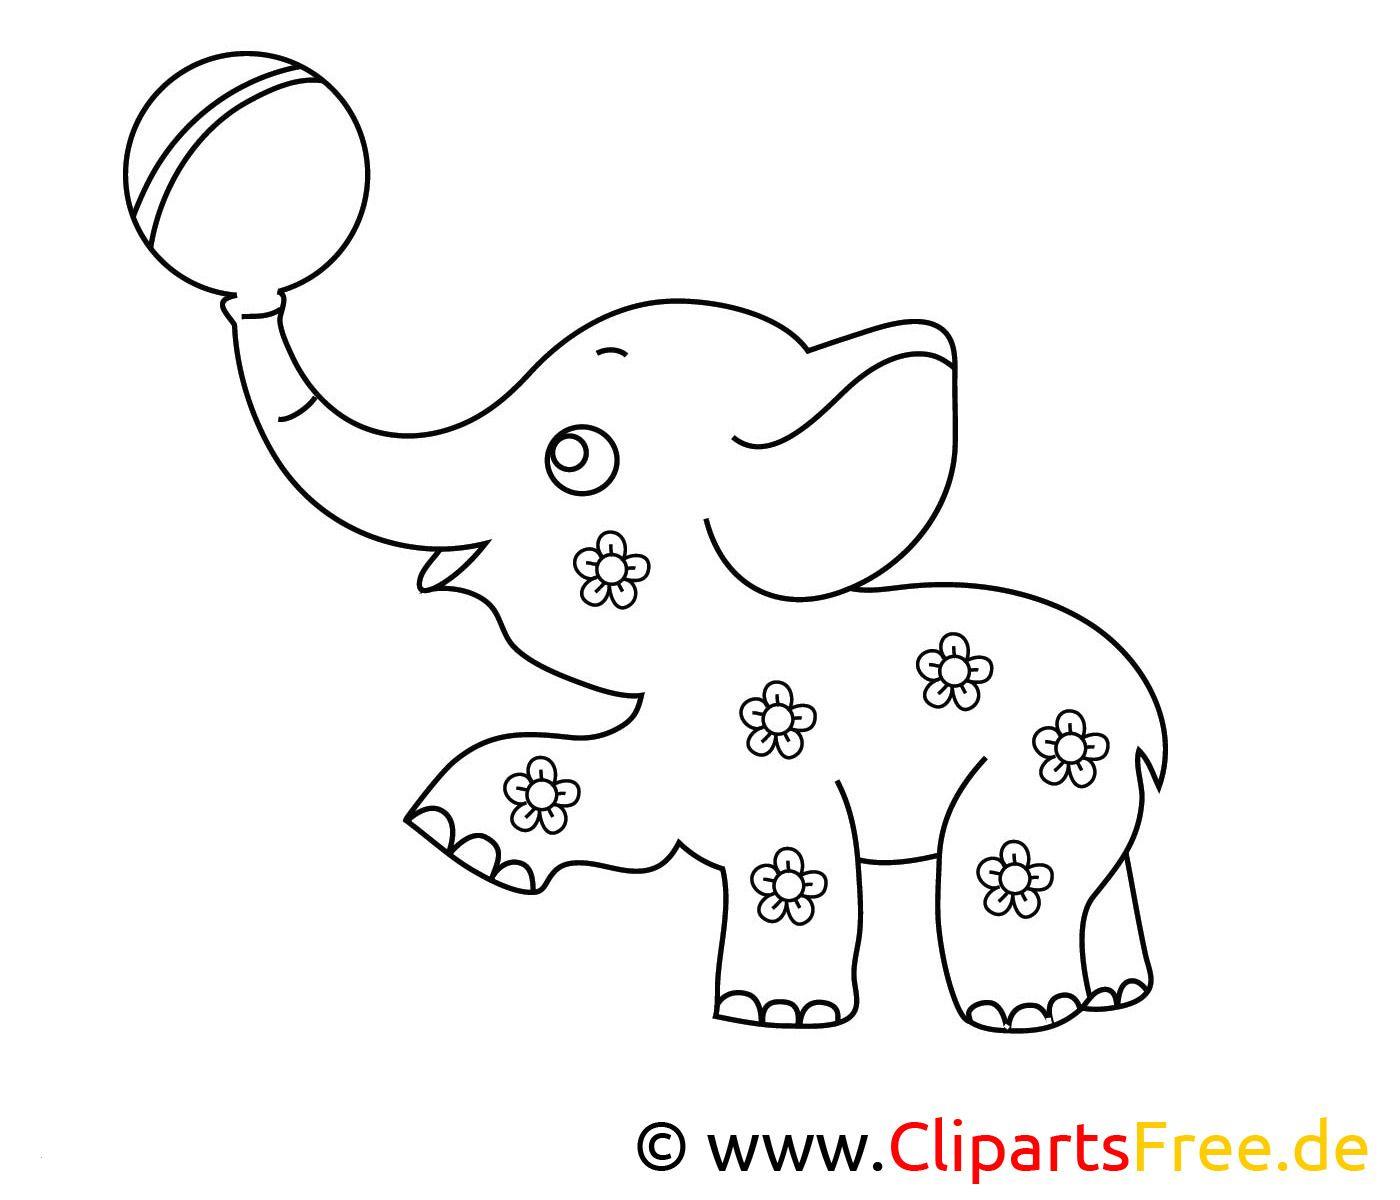 Malvorlagen Elefant Inspirierend Zoo Malvorlagen Kostenlos innen Elefanten Malvorlagen